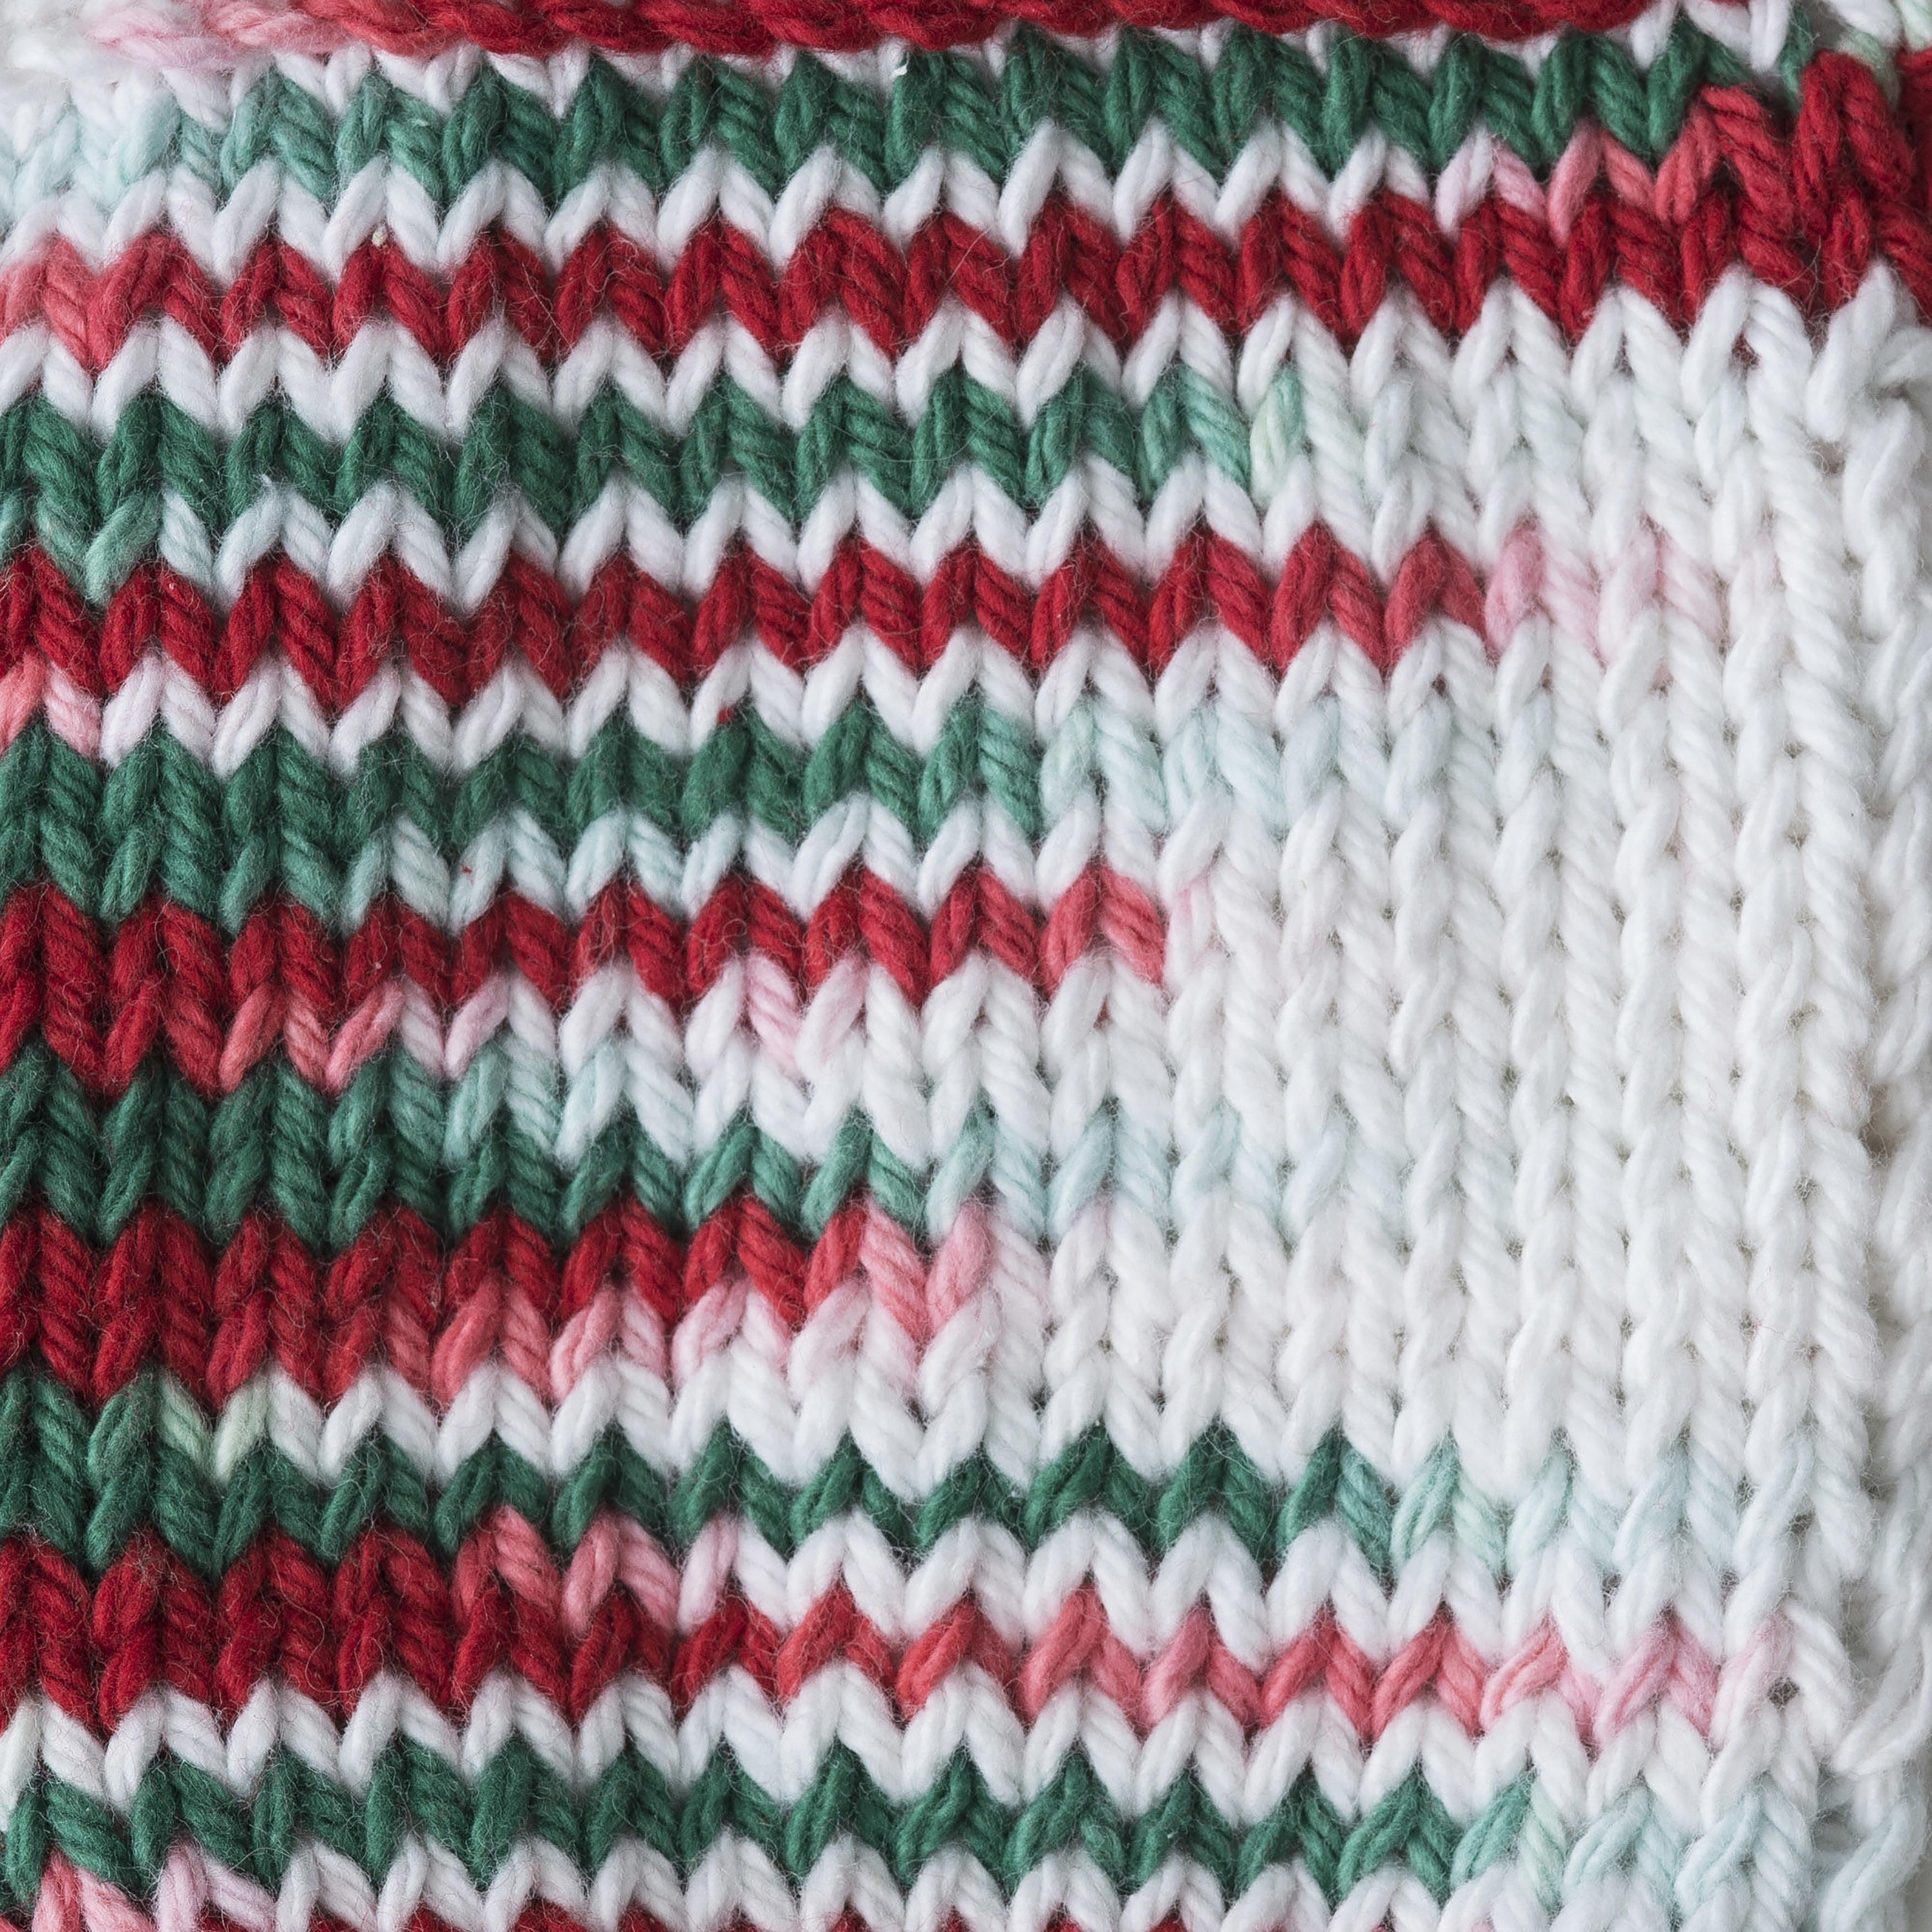 Lily Sugar'n Cream Yarn - Cones